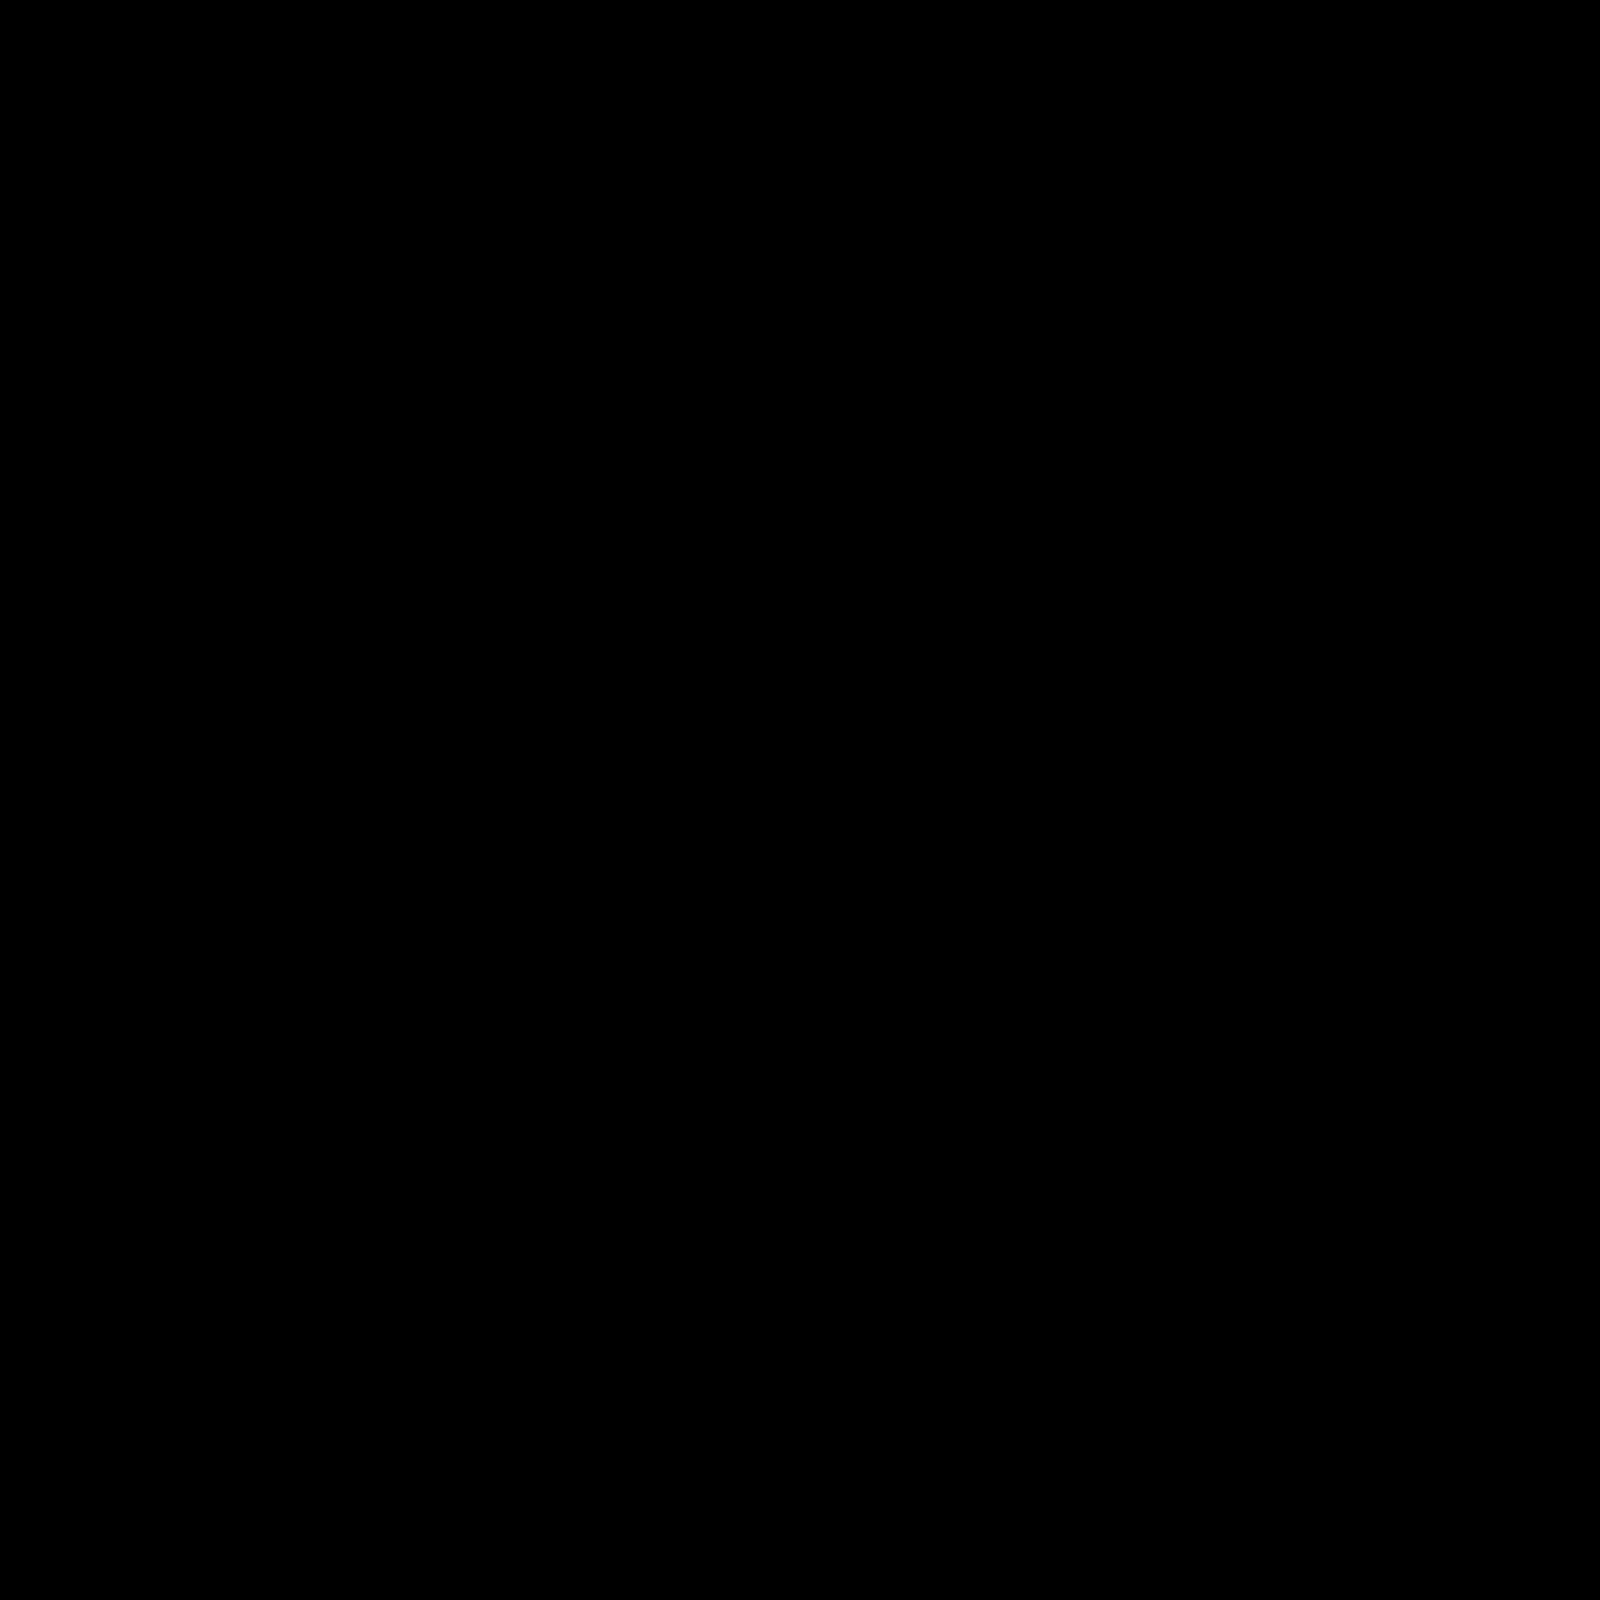 seforce logo branding